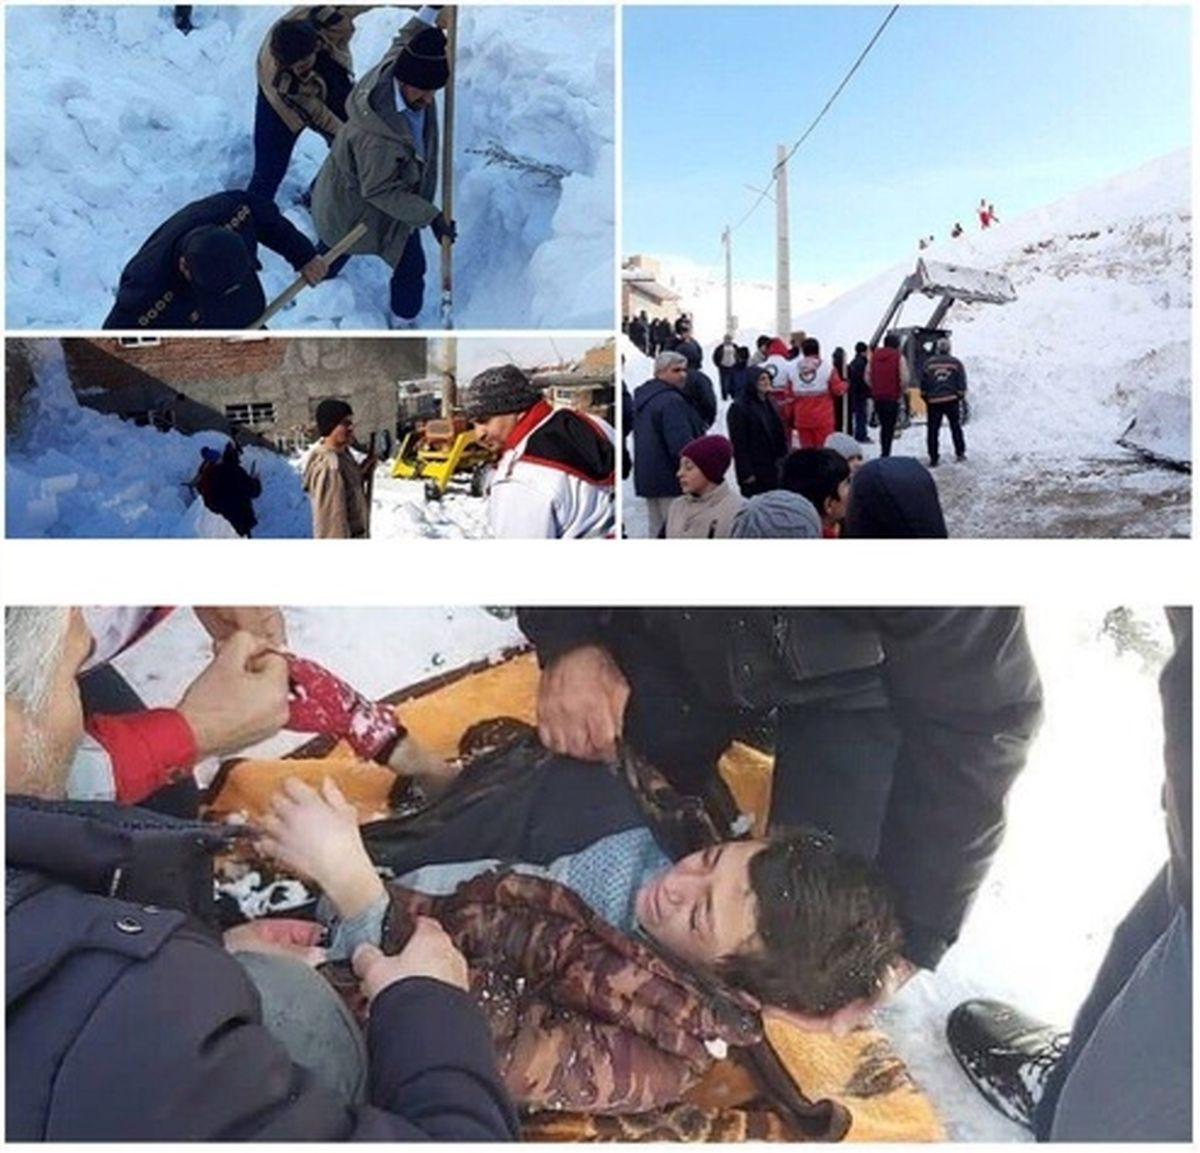 عکس: نجات پسرک ۱۱ ساله از زیر بهمن در کهنموی اسکو